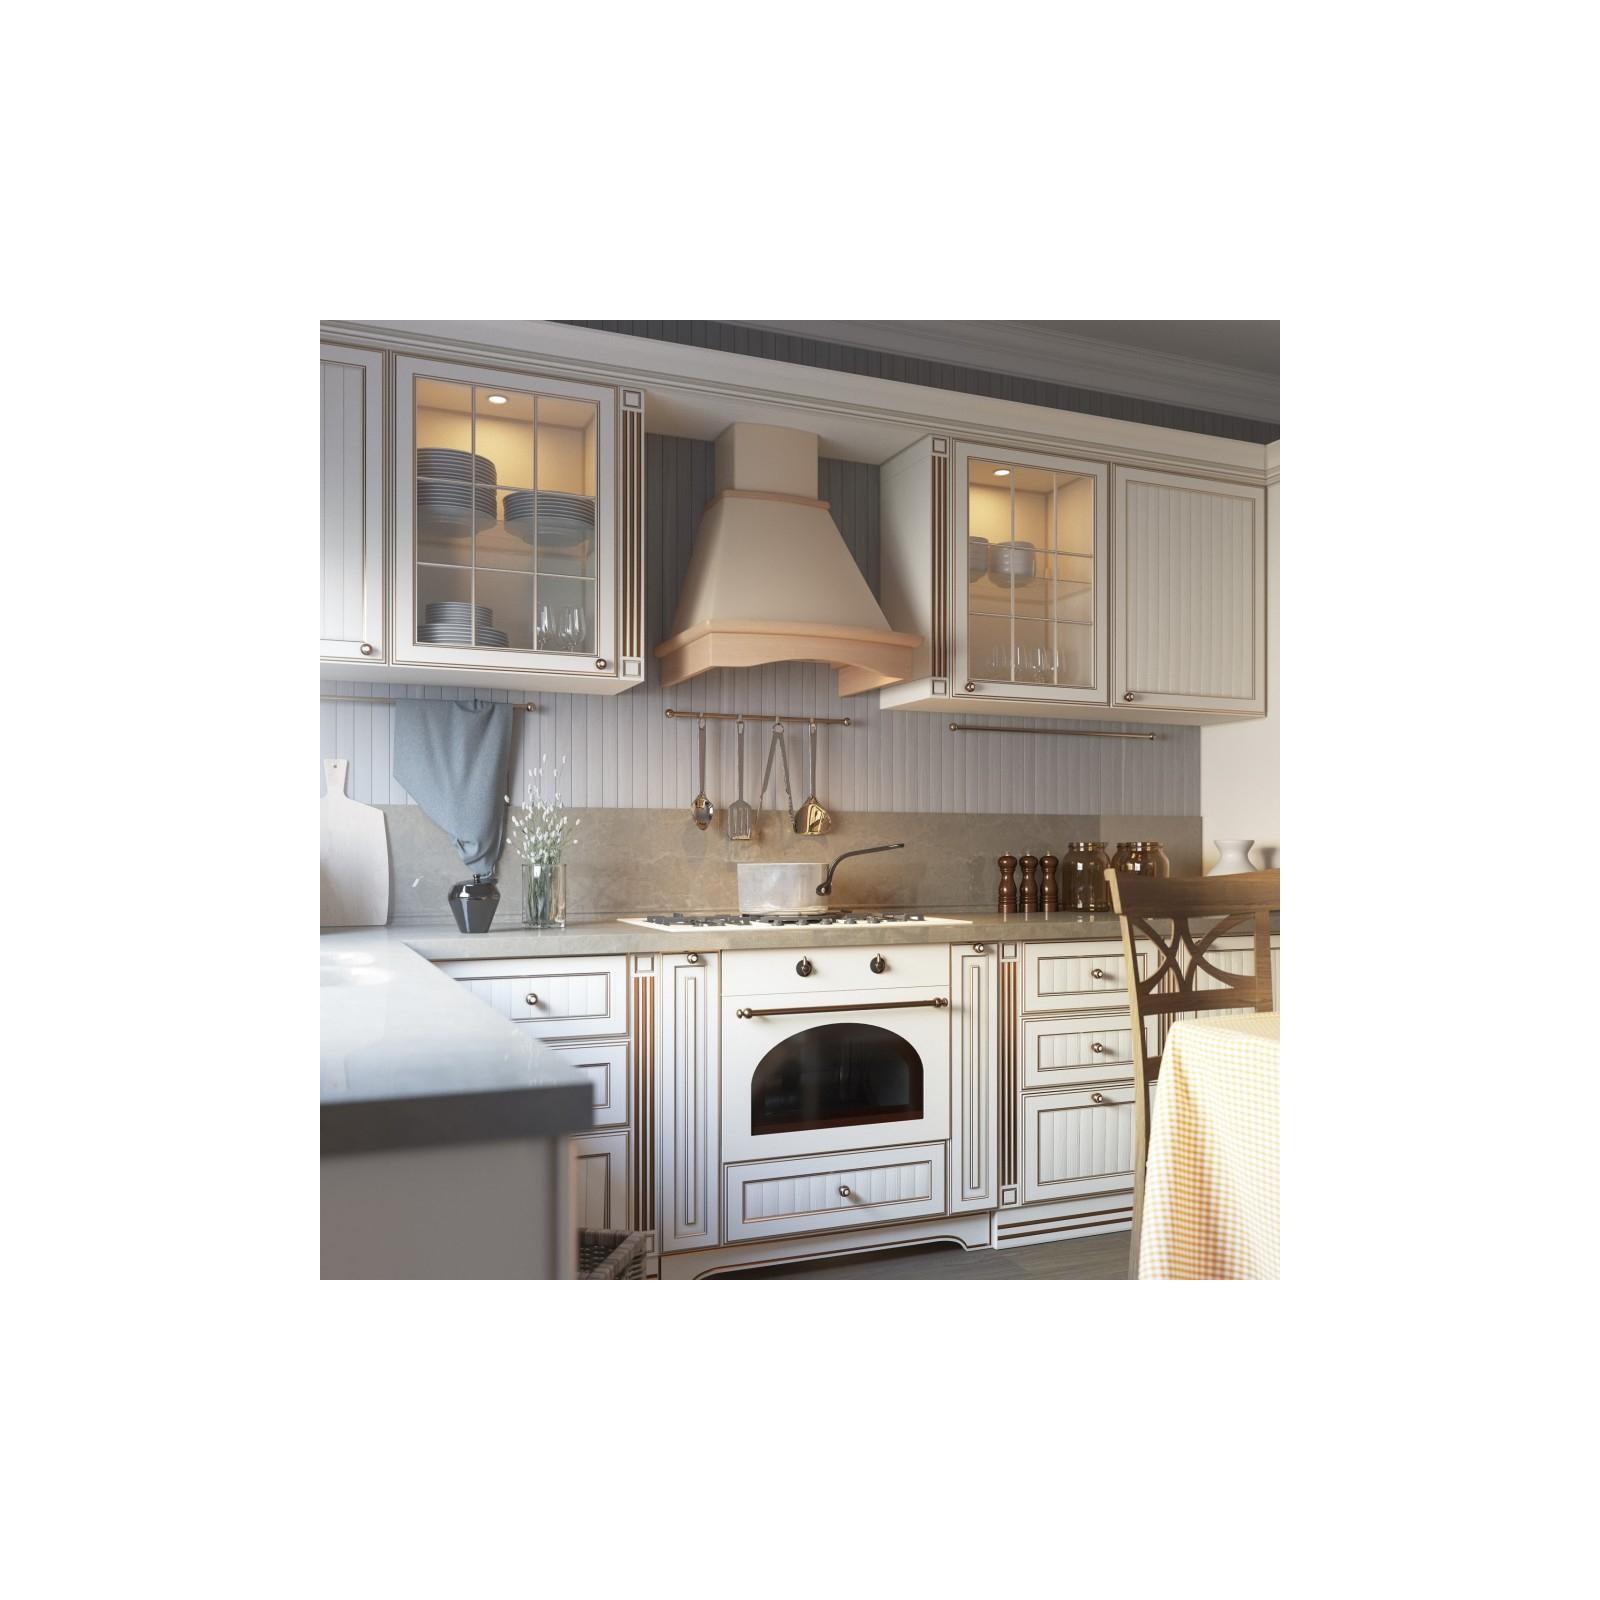 Вытяжка кухонная Eleyus Tempo 1000 LED SMD 90 N BL изображение 9